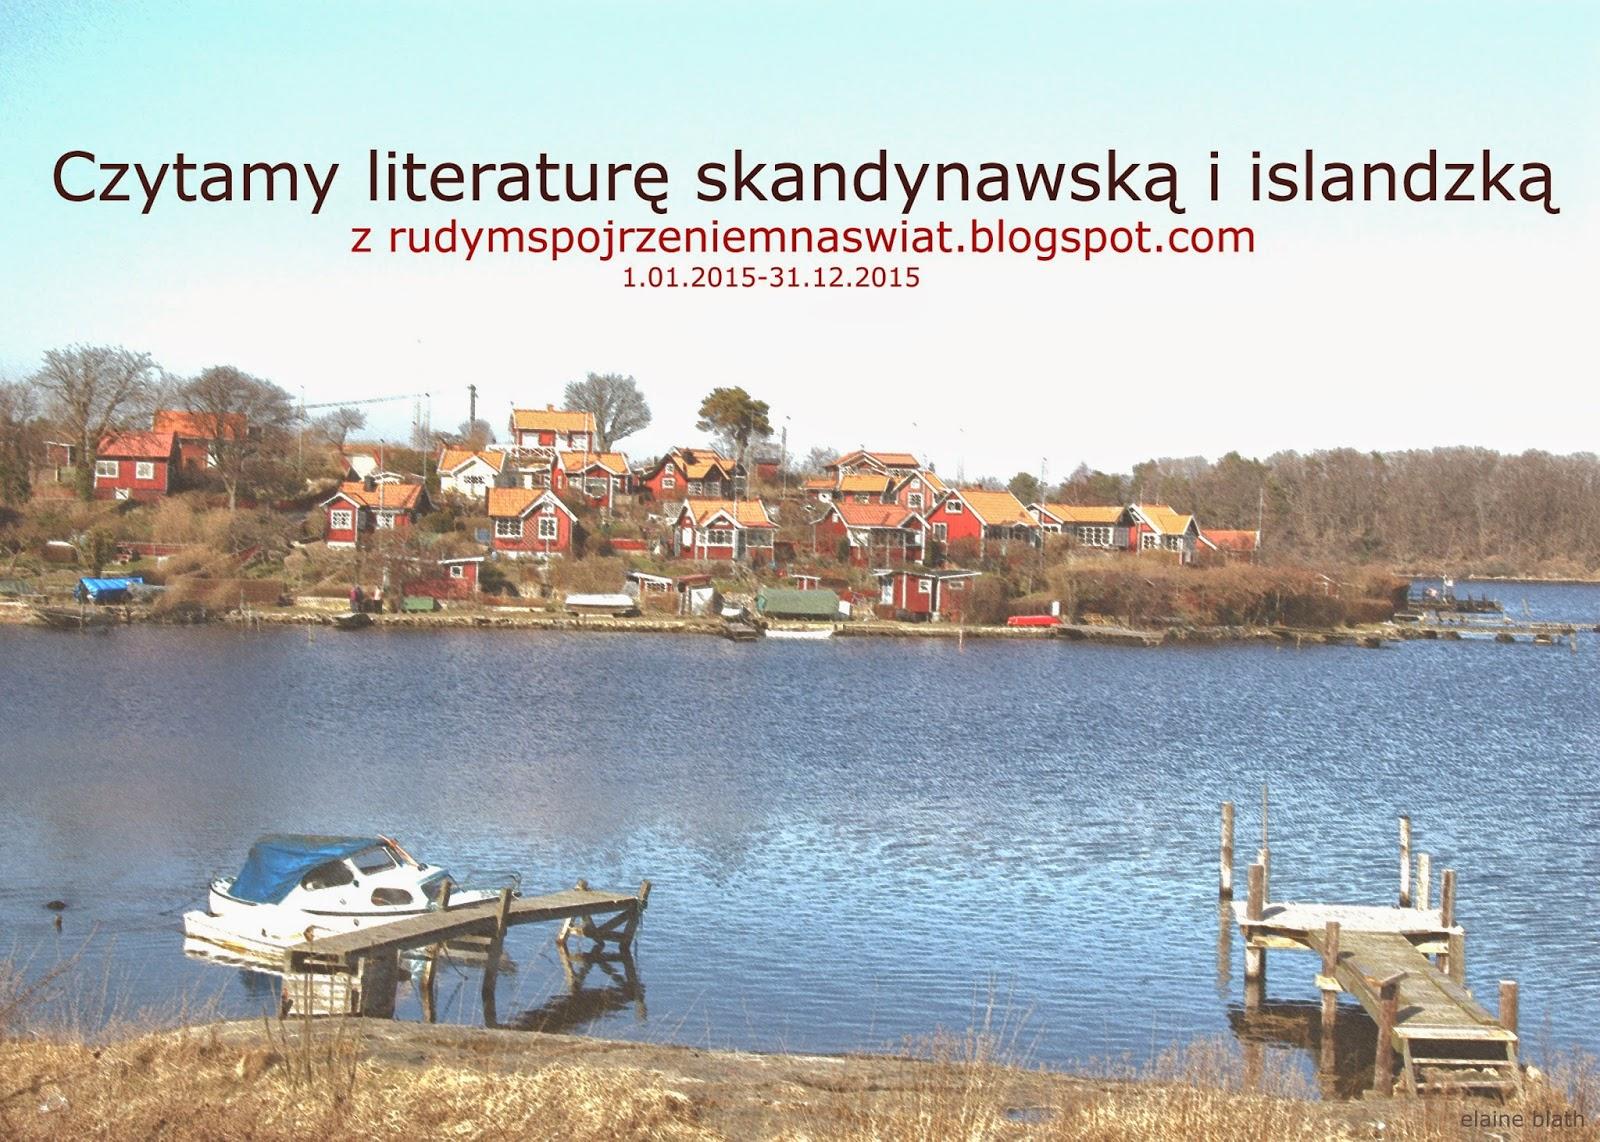 http://rudymspojrzeniemnaswiat.blogspot.com/2014/11/czytamy-literature-skandynawska-i.html